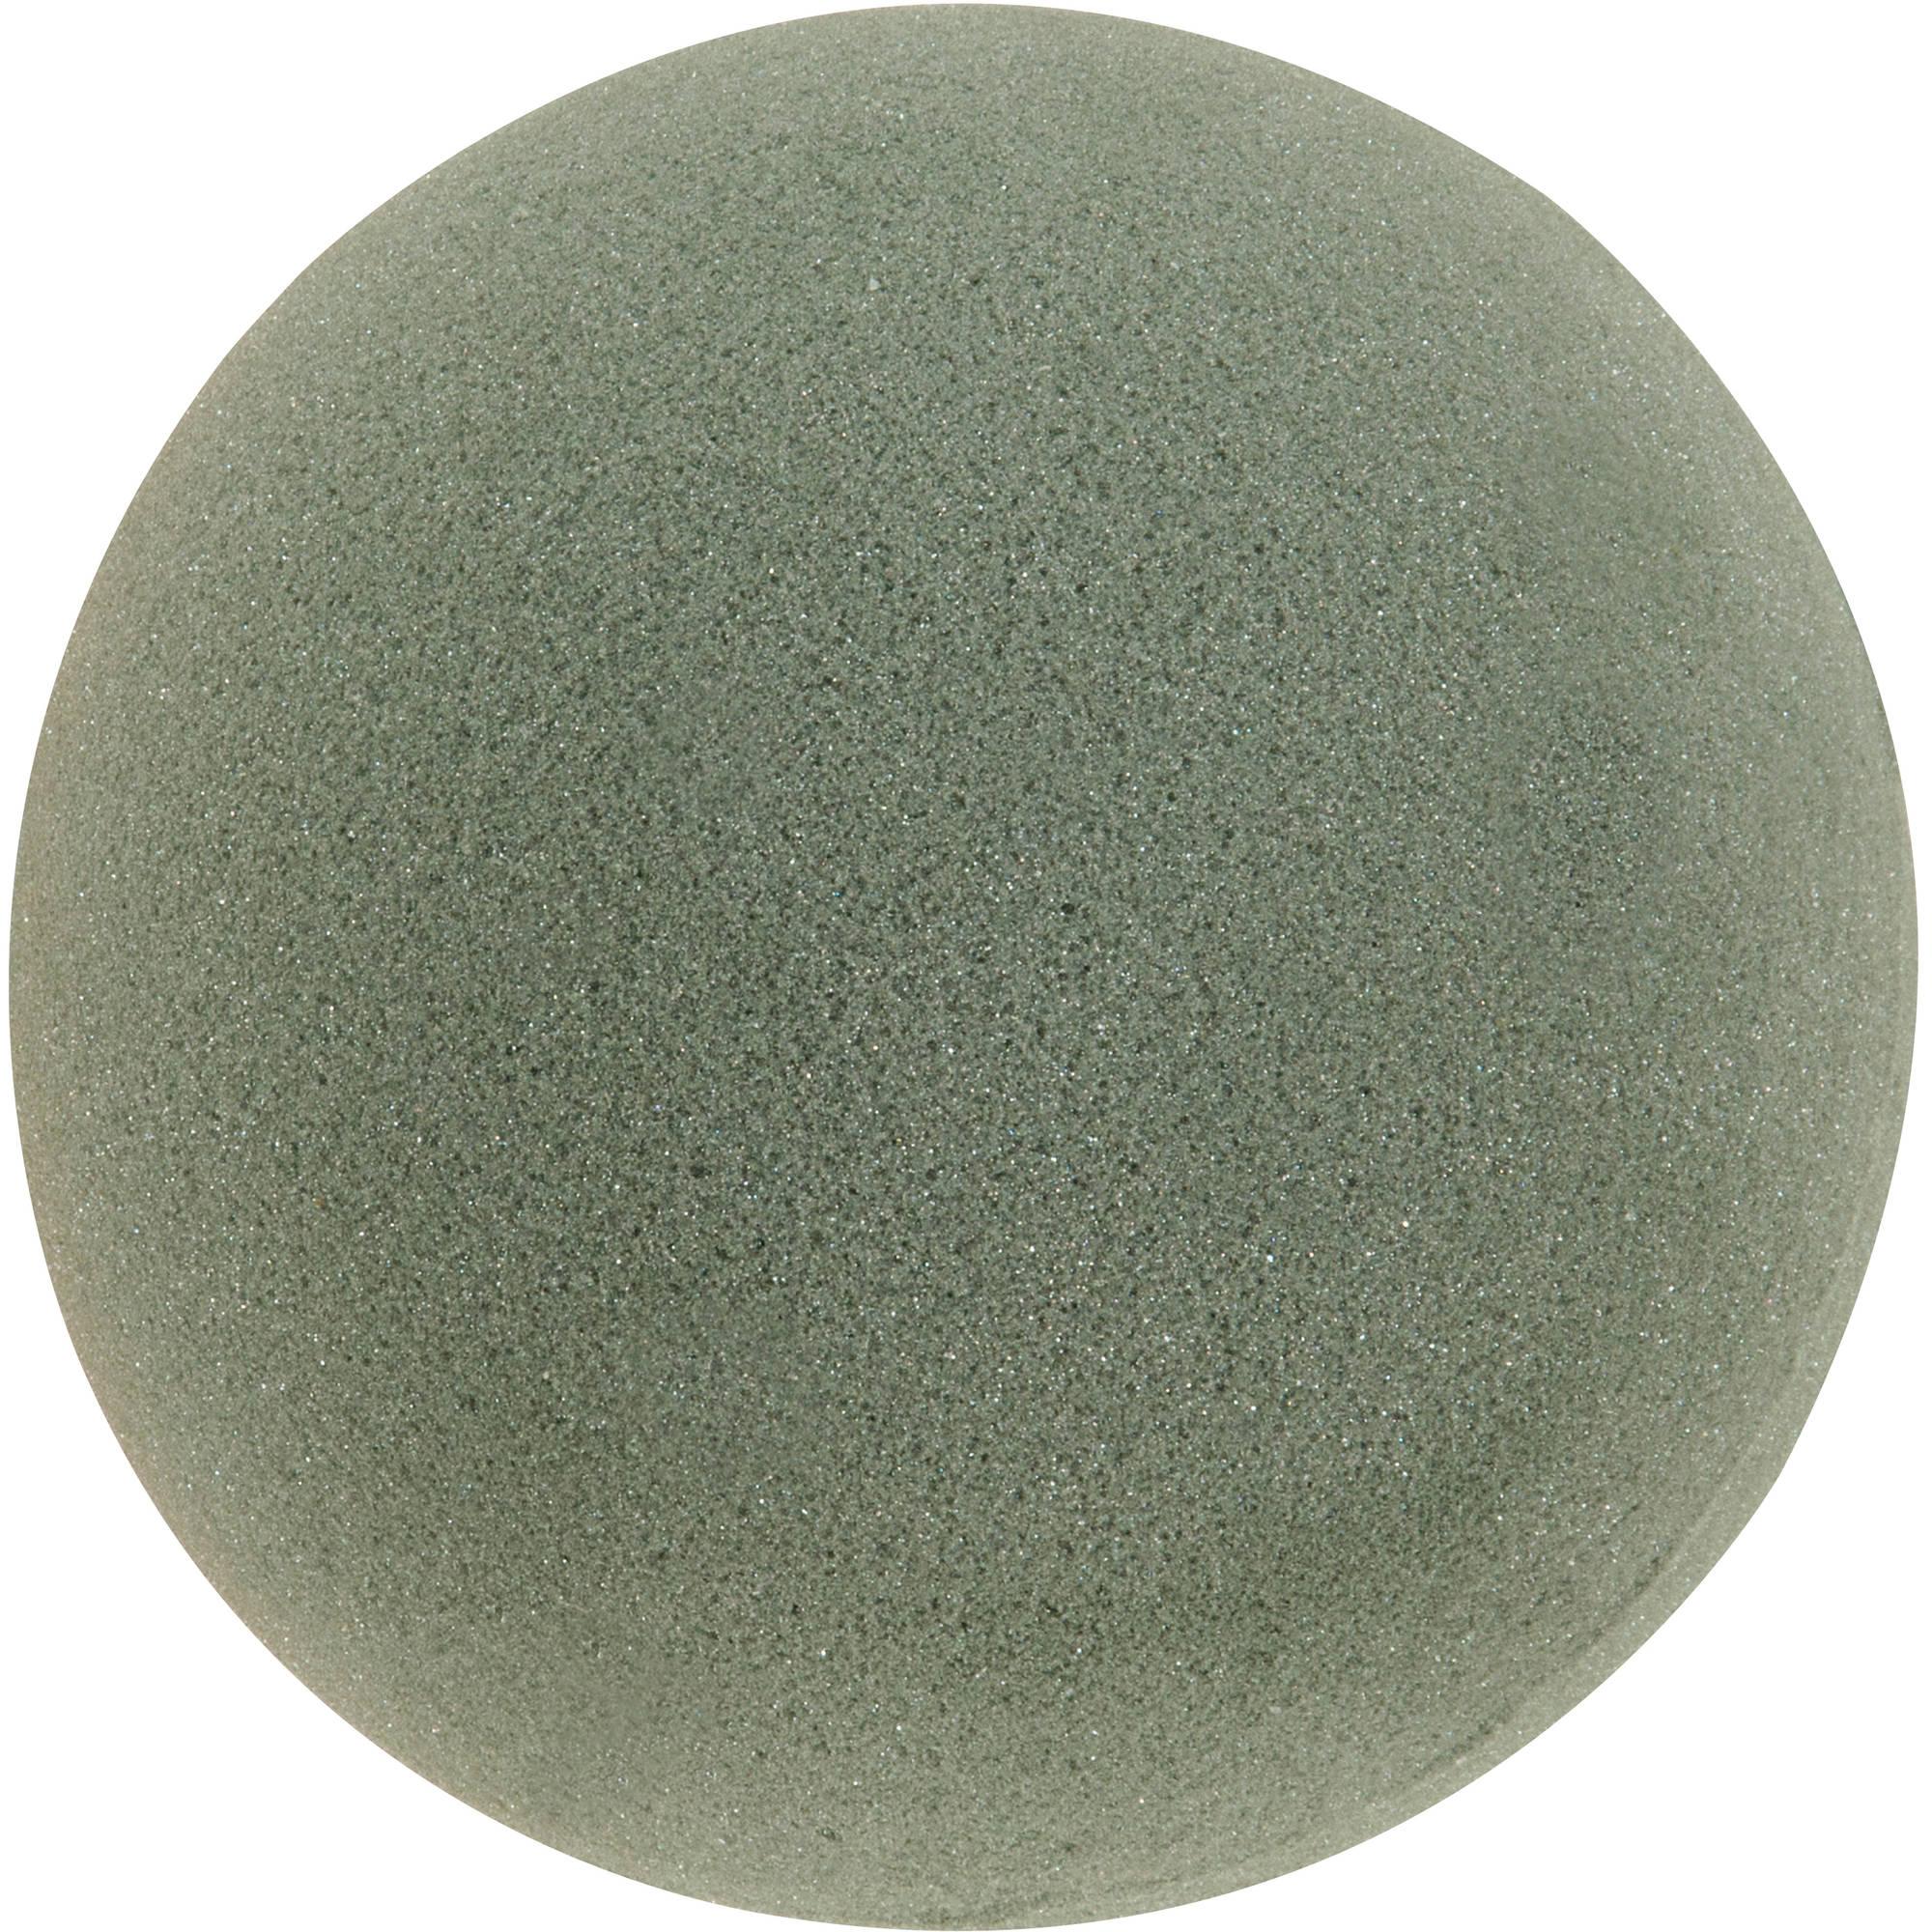 Design It Dry Foam Ball 5in, Green